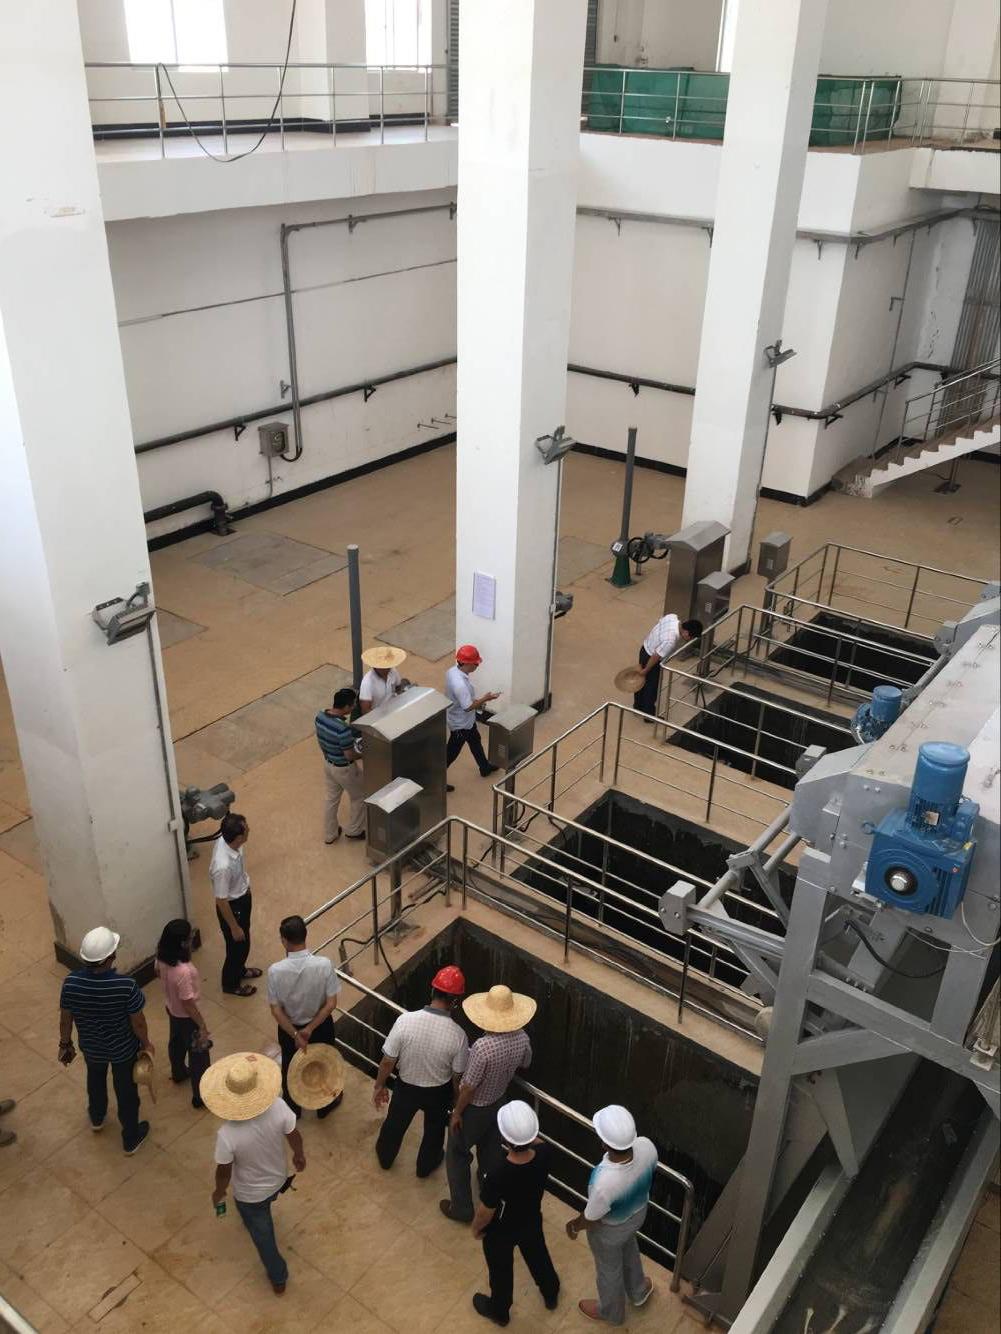 广州石井污水处理二期工程设备采购及安装工程